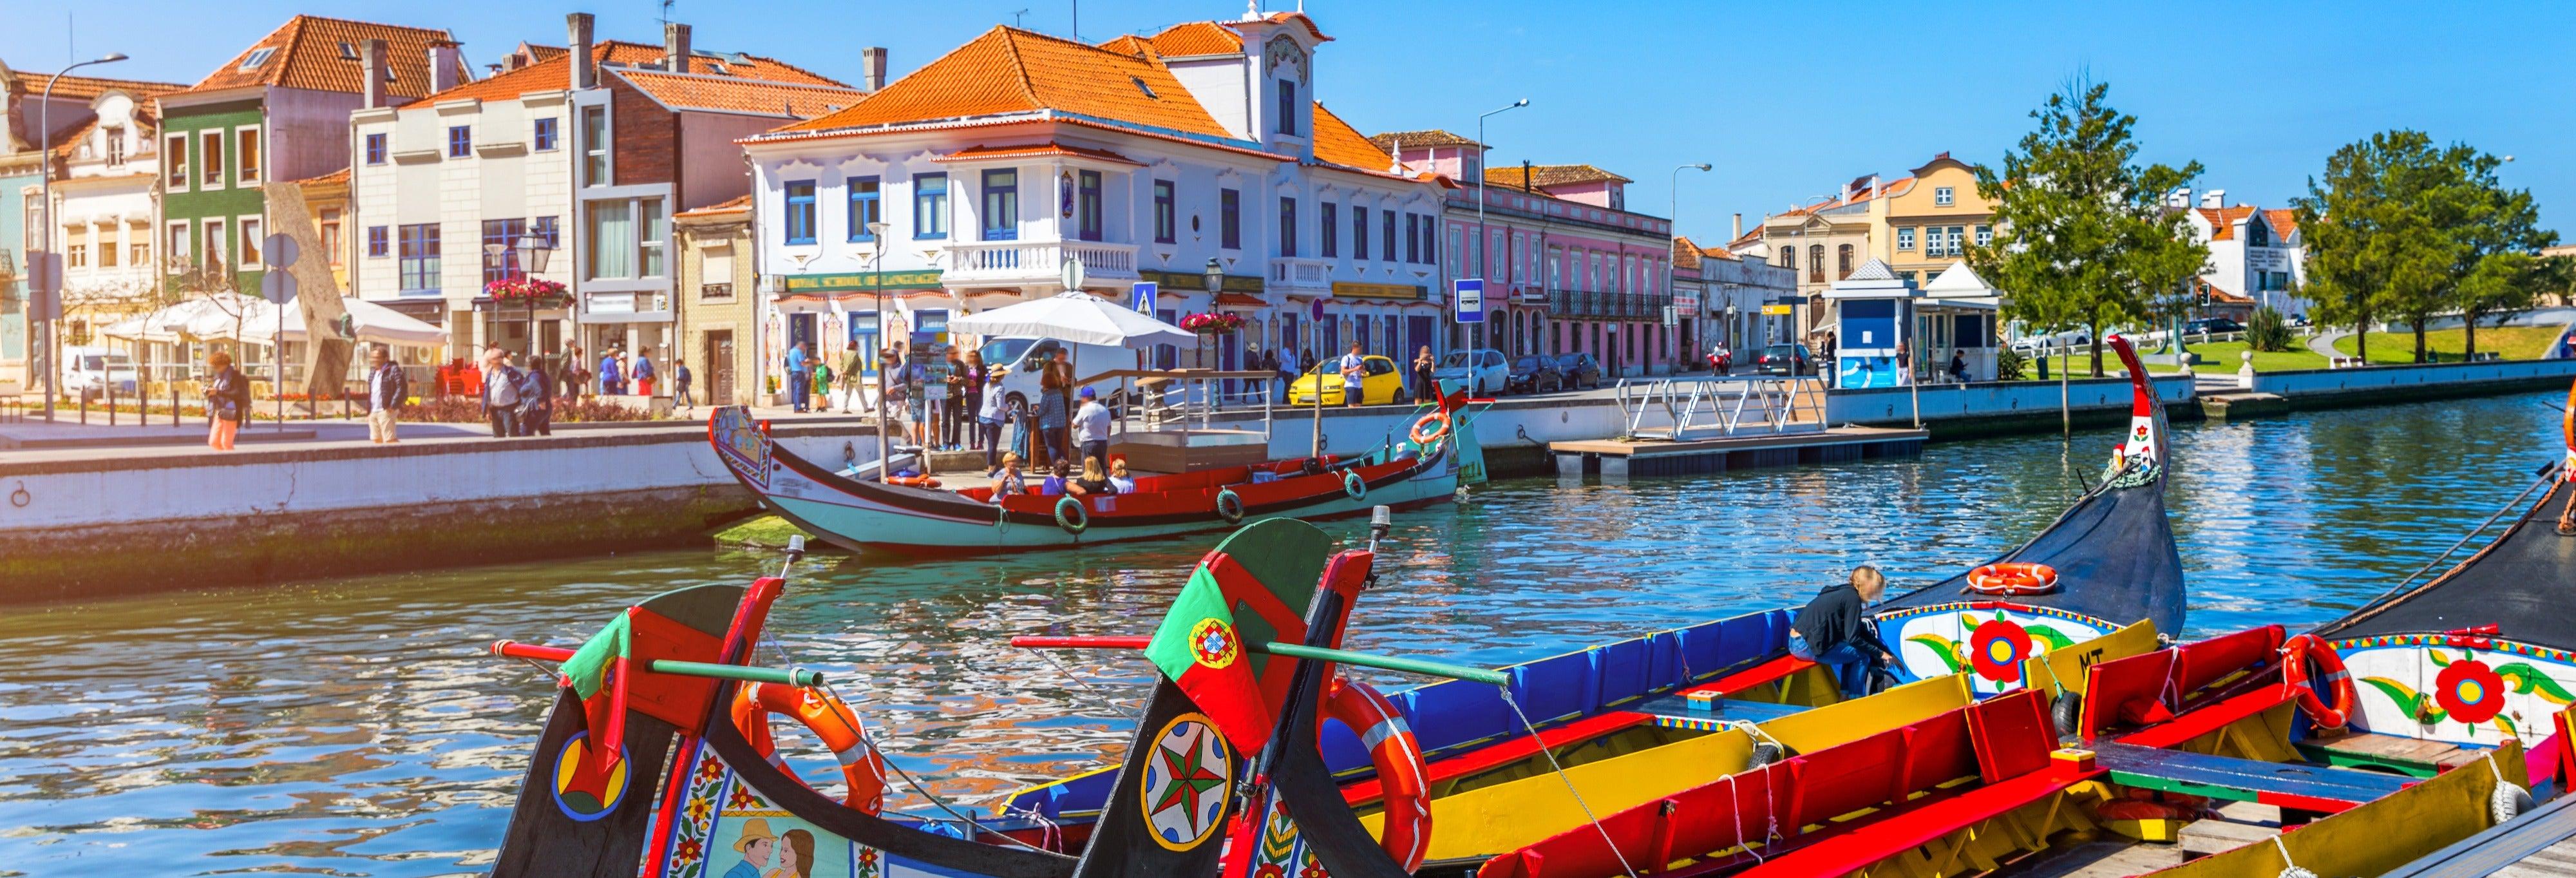 Tour privado por Aveiro com guia em português